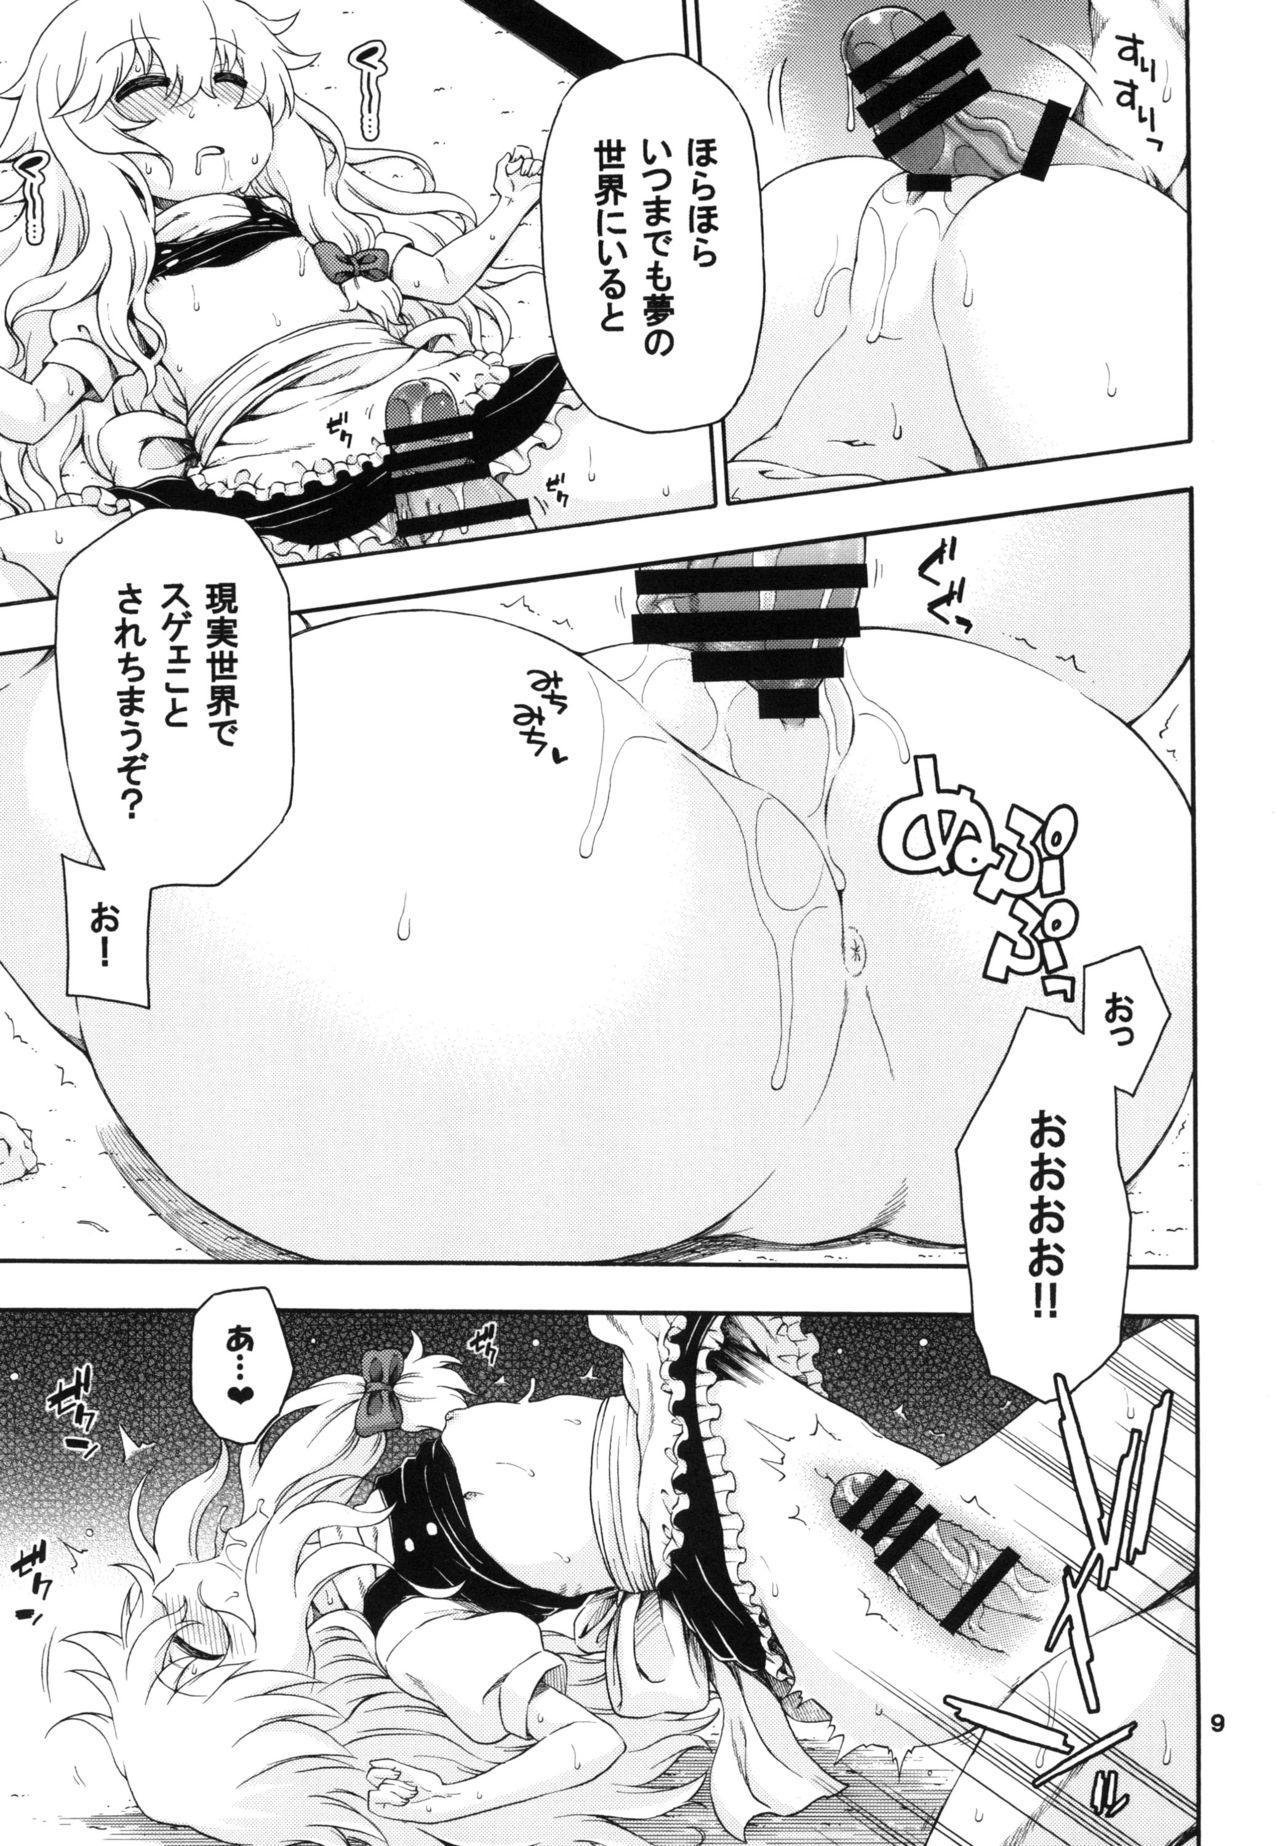 Touhou Meiko 8